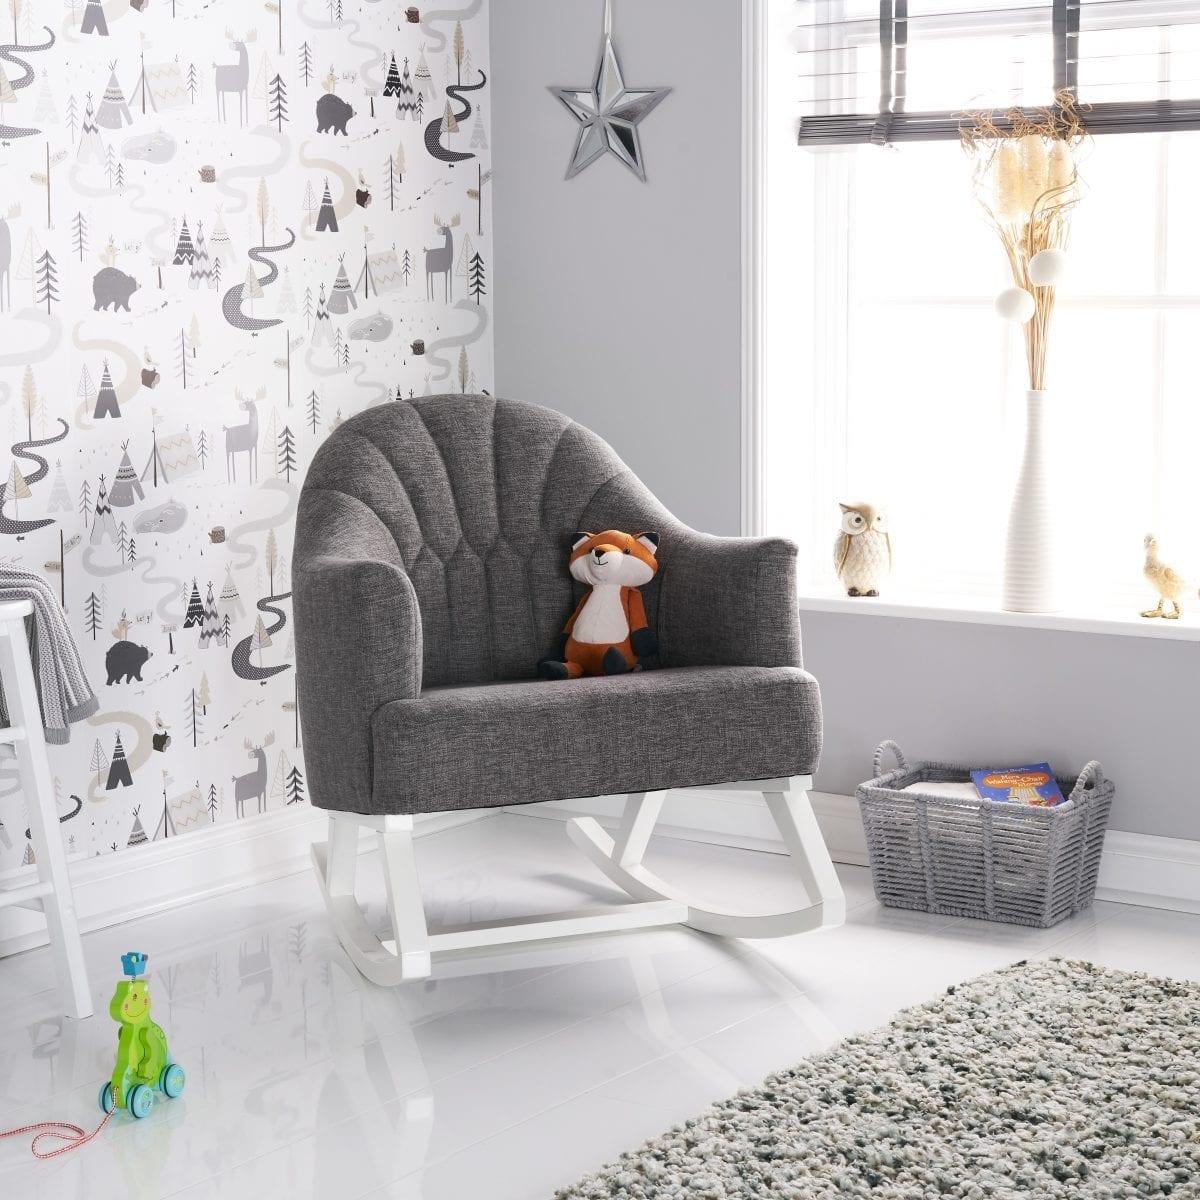 Obaby Rocking Chair